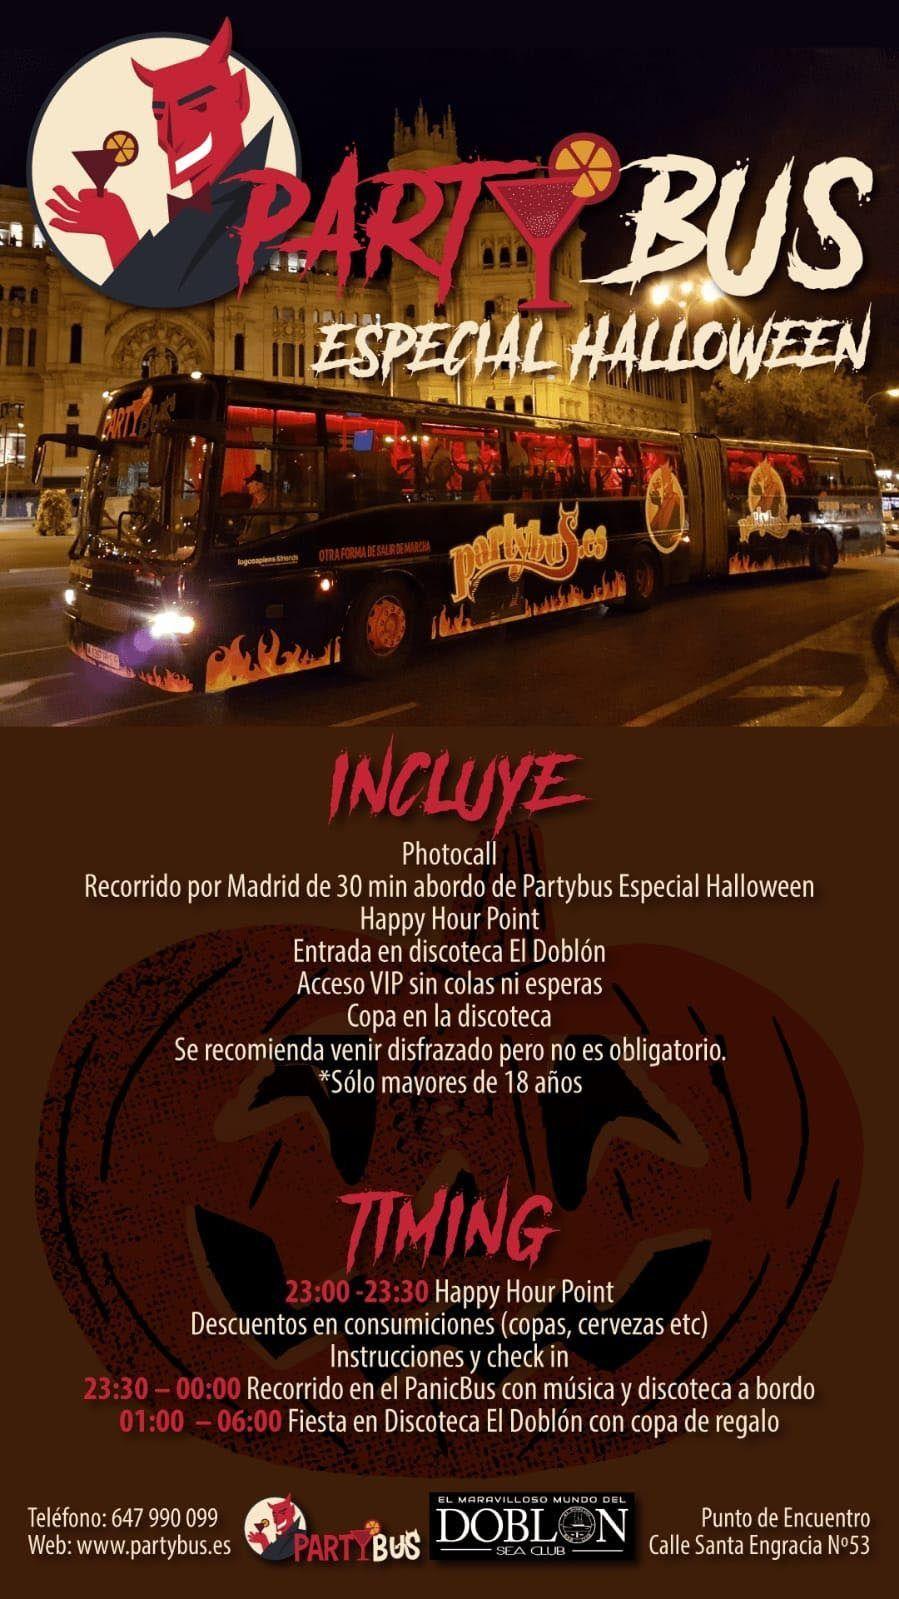 Partybus Especial Halloween